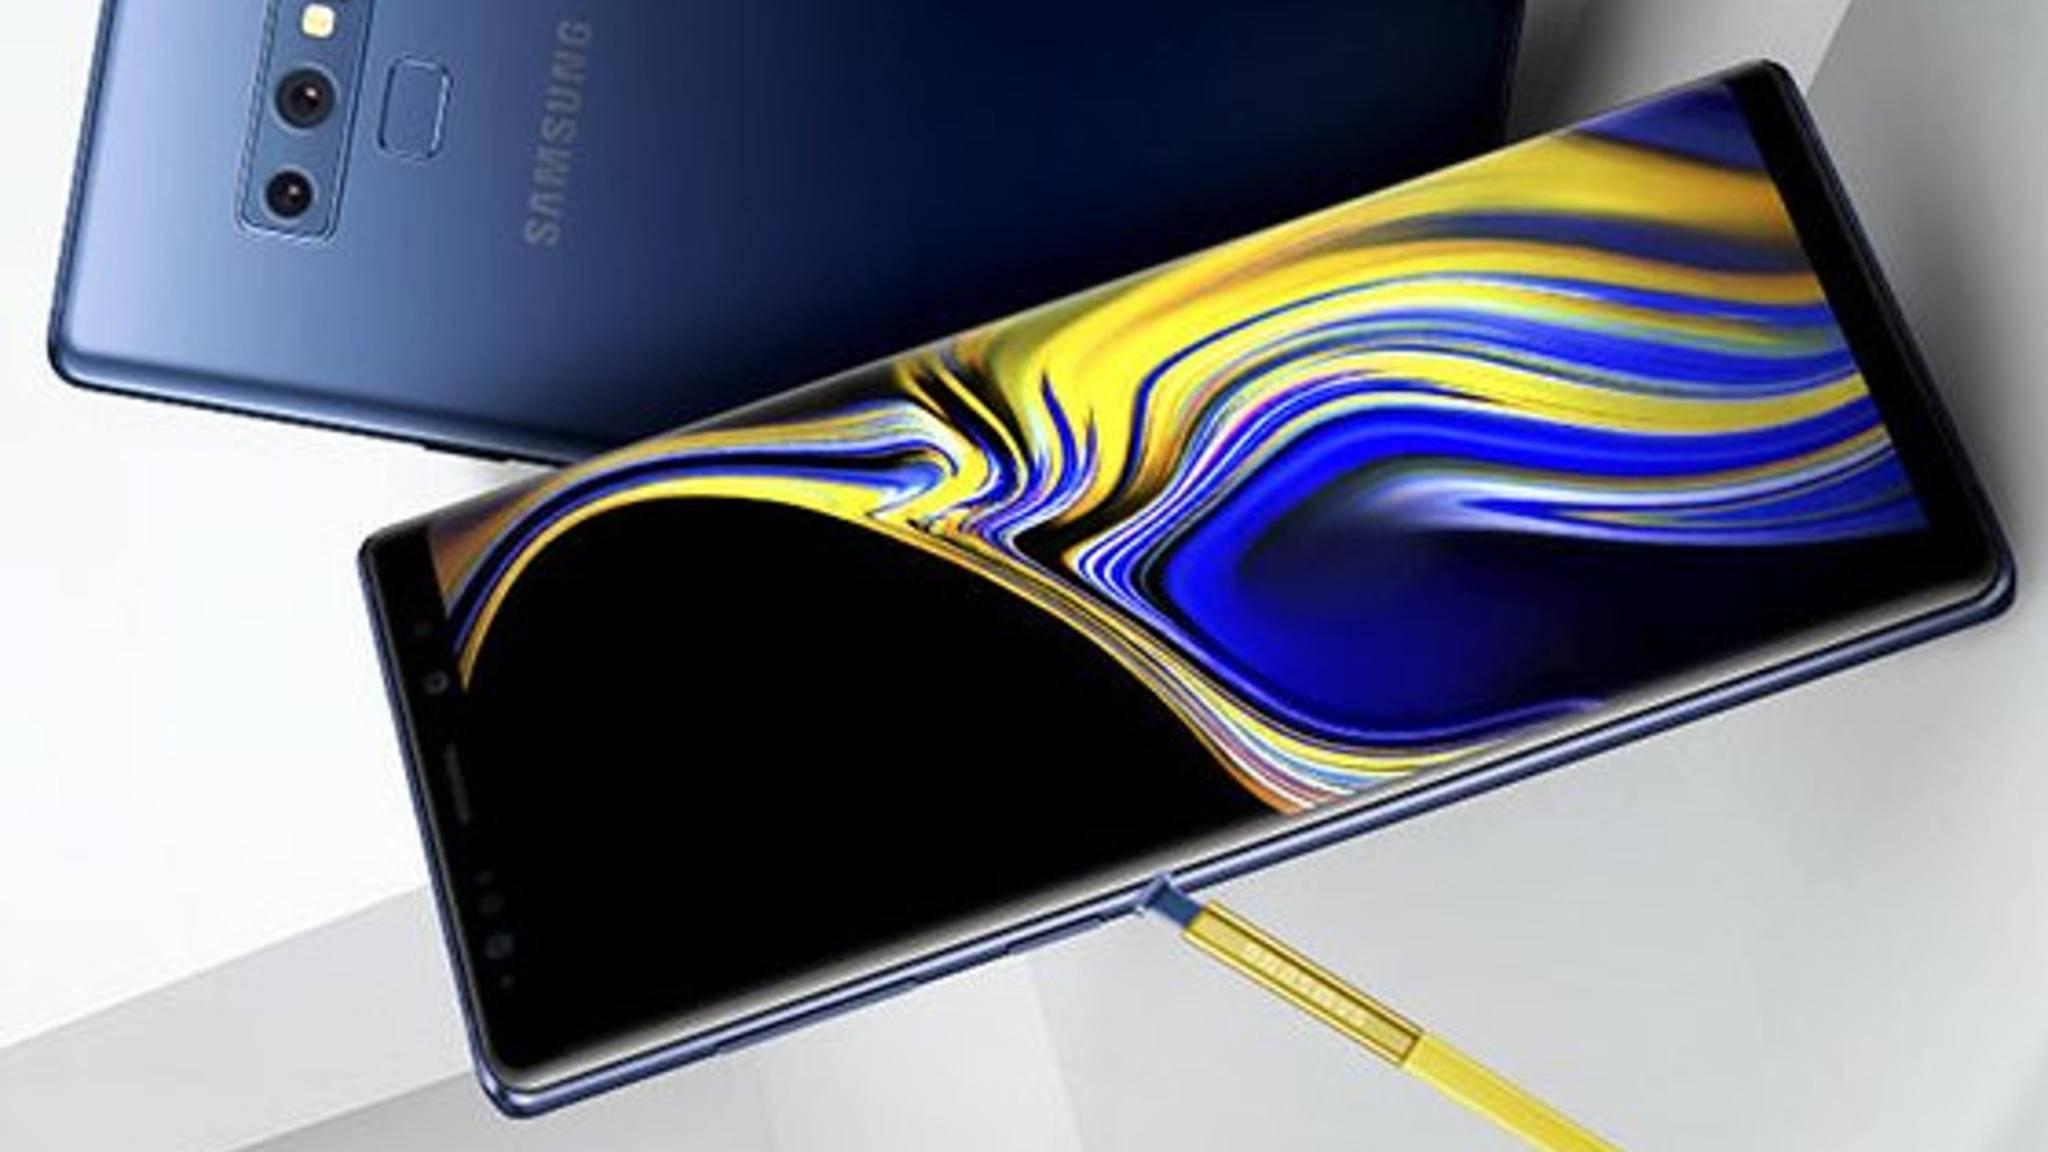 Der Stift für das Galaxy Note 9 wird angeblich auch einzeln erhältlich sein.